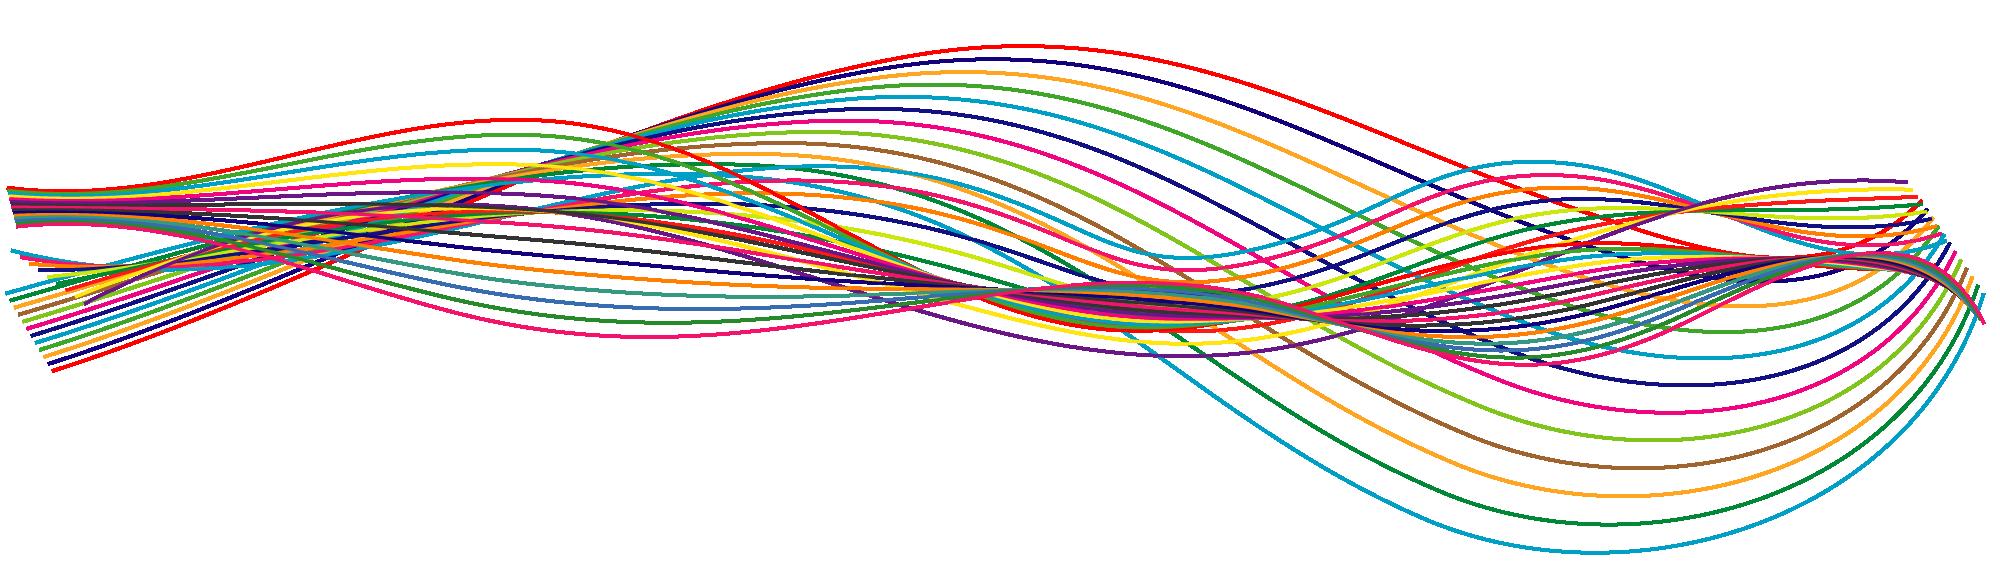 Gekleurde lijnen die door elkaar lopen, wisselend van elkaar afgaan en naar elkaar toegaan. Het is een symbolisering van meningen die soms gelijklopen en soms niet.